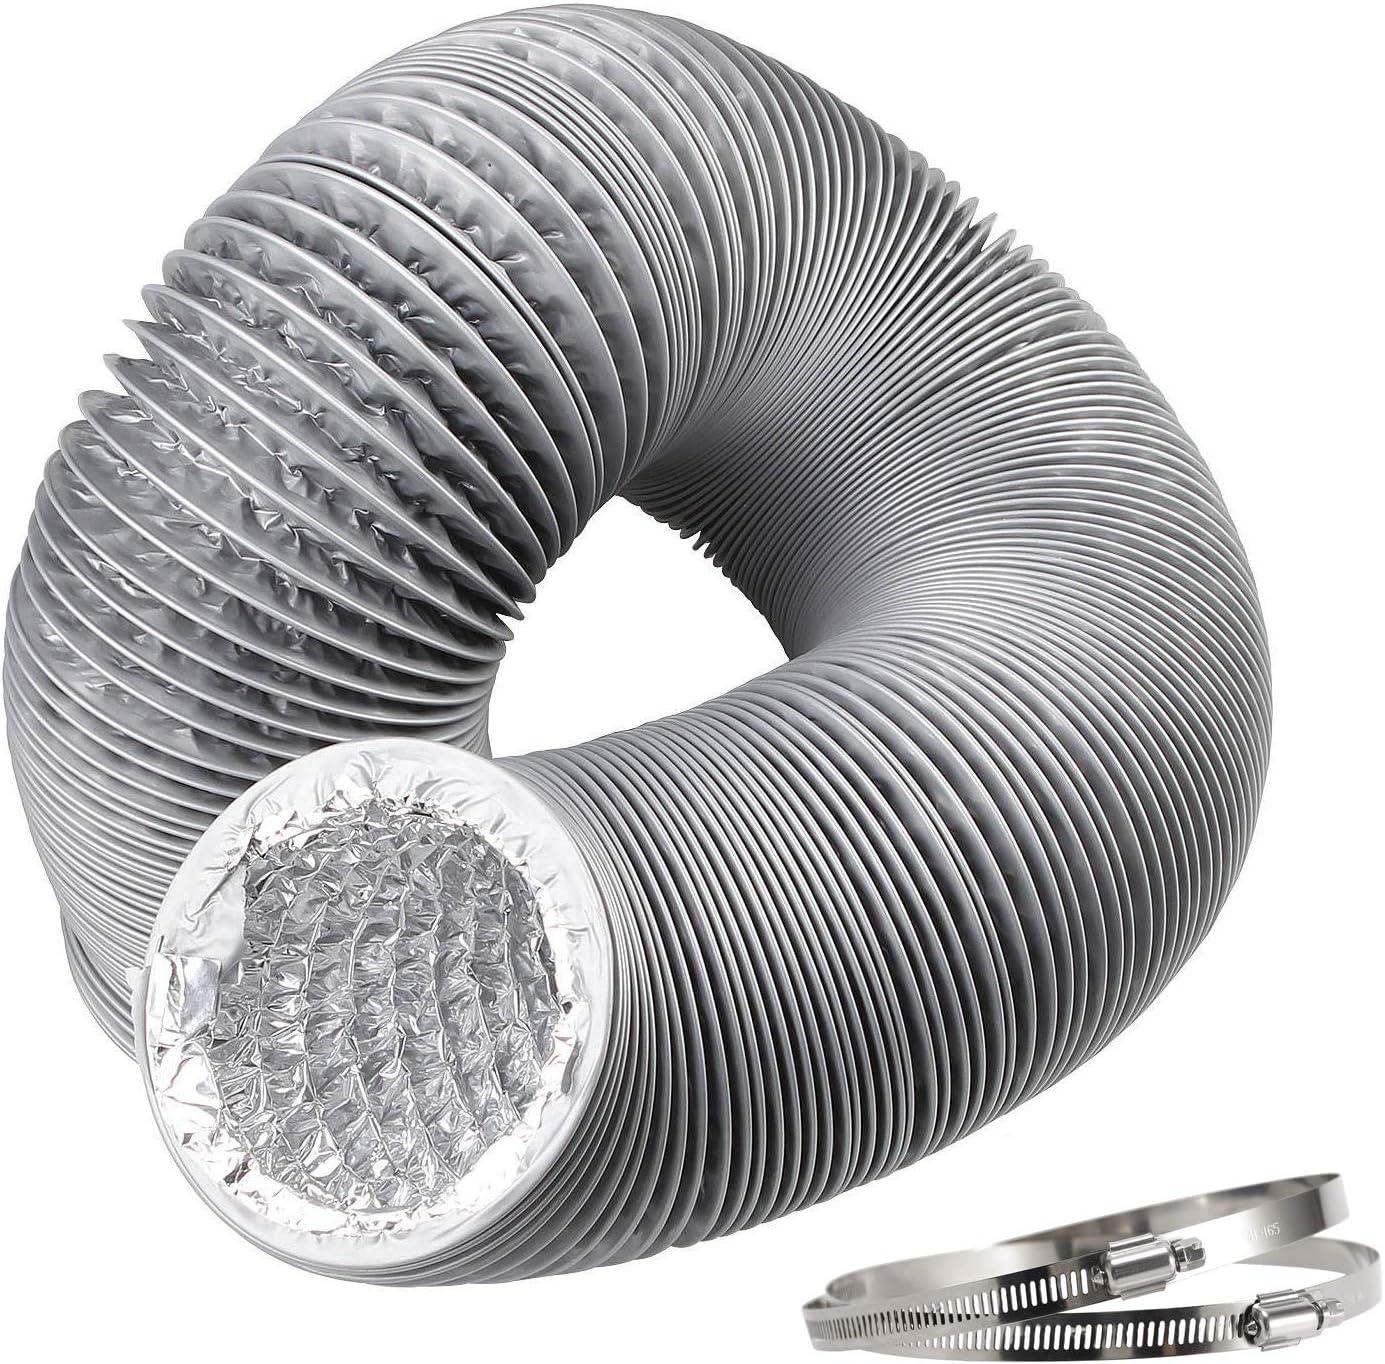 Hon&Guan Tubo de Manguera de Ventilación Tubo Aire Flexible di Aluminio & PVC para Extractor de Aire, Climatización, Secadora (ø100mm*5m, gris)